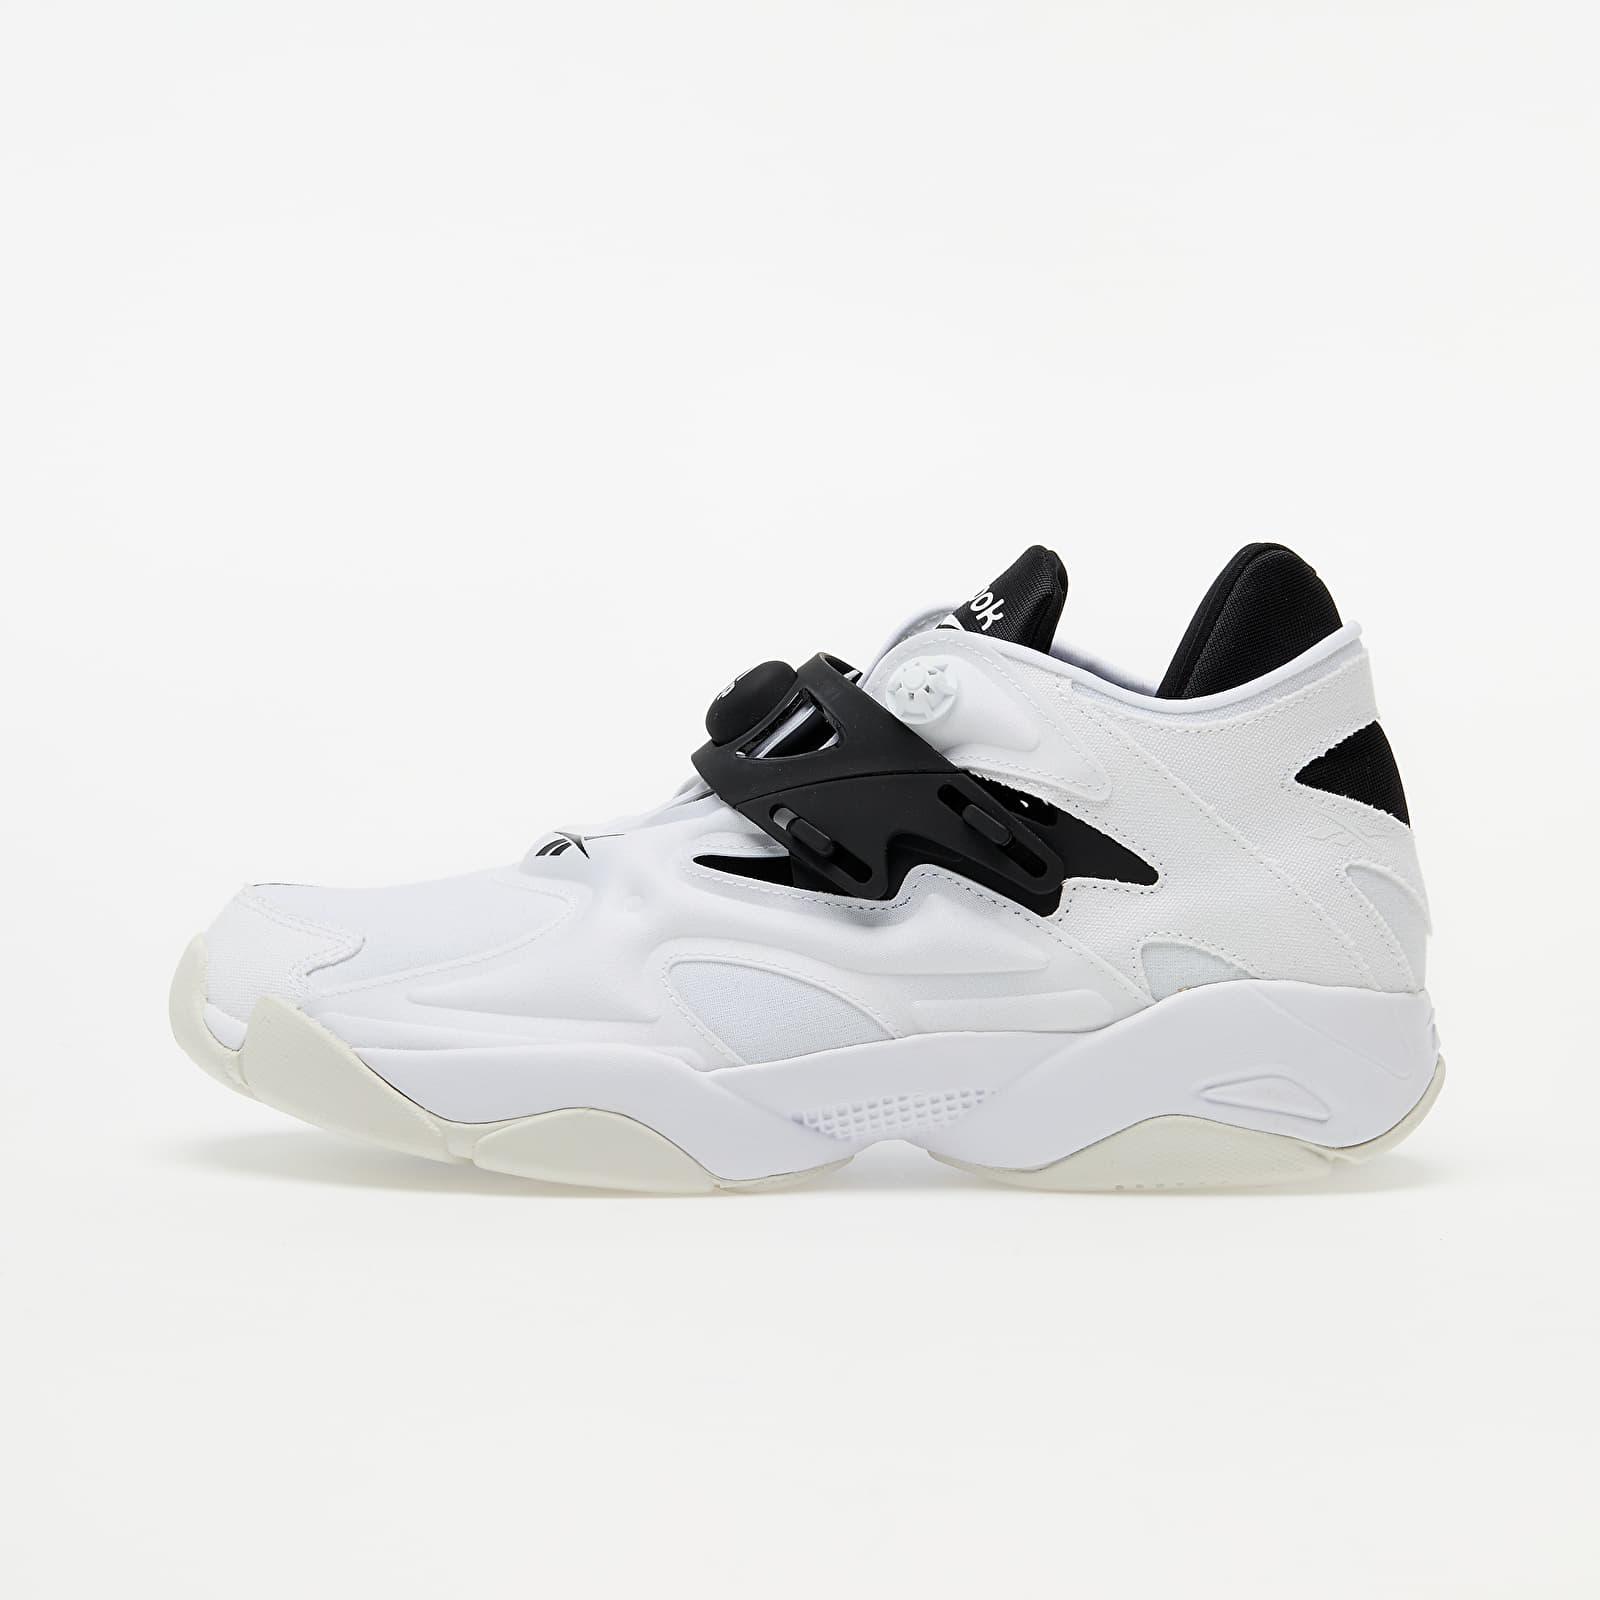 Reebok Pump Court White/ Black/ Trace Grey 1 EUR 42.5